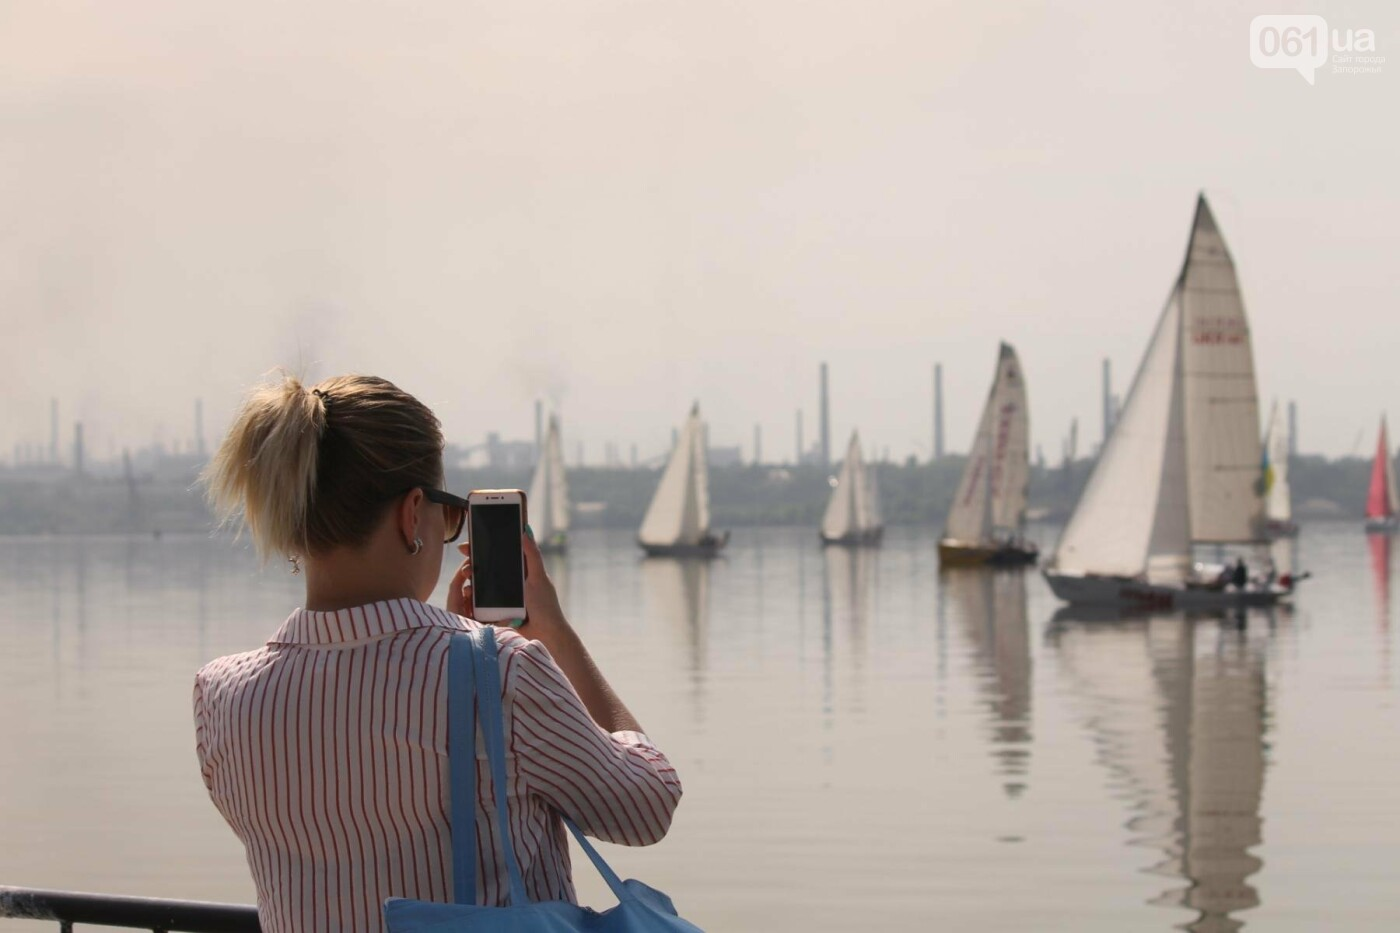 Сотни спортсменов и десятки яхт: как в Запорожье проходит парусная регата, – ФОТОРЕПОРТАЖ, фото-20